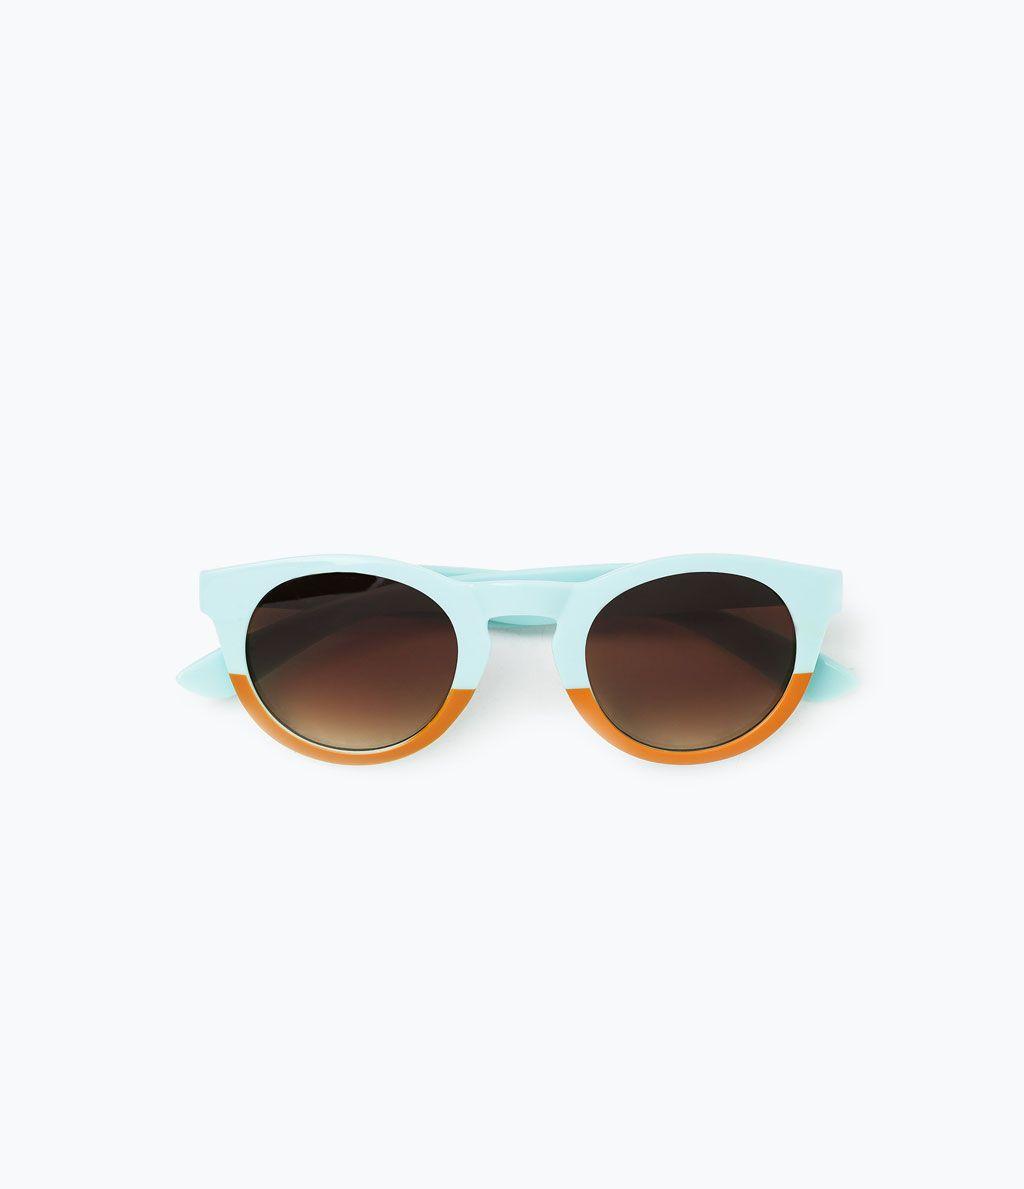 fa04eae482 ZARA - MUJER - GAFAS DE SOL BICOLOR | sunglasses | Gafas de sol ...